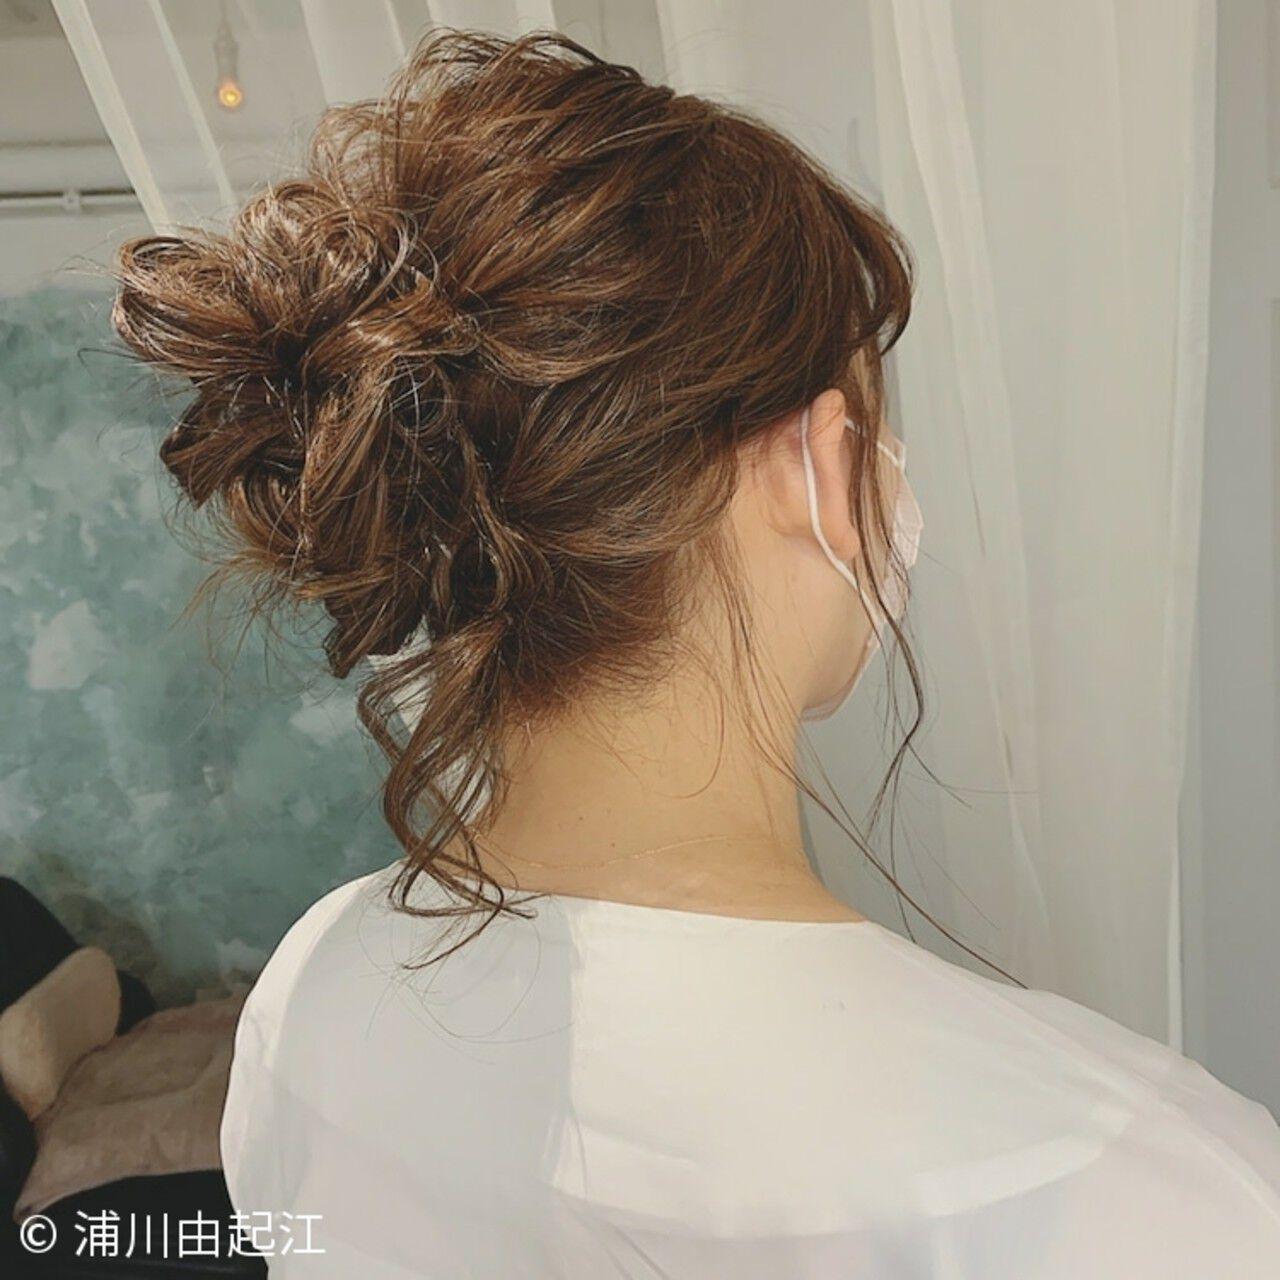 ナチュラル ロング 切りっぱなしボブ ヘアアレンジヘアスタイルや髪型の写真・画像